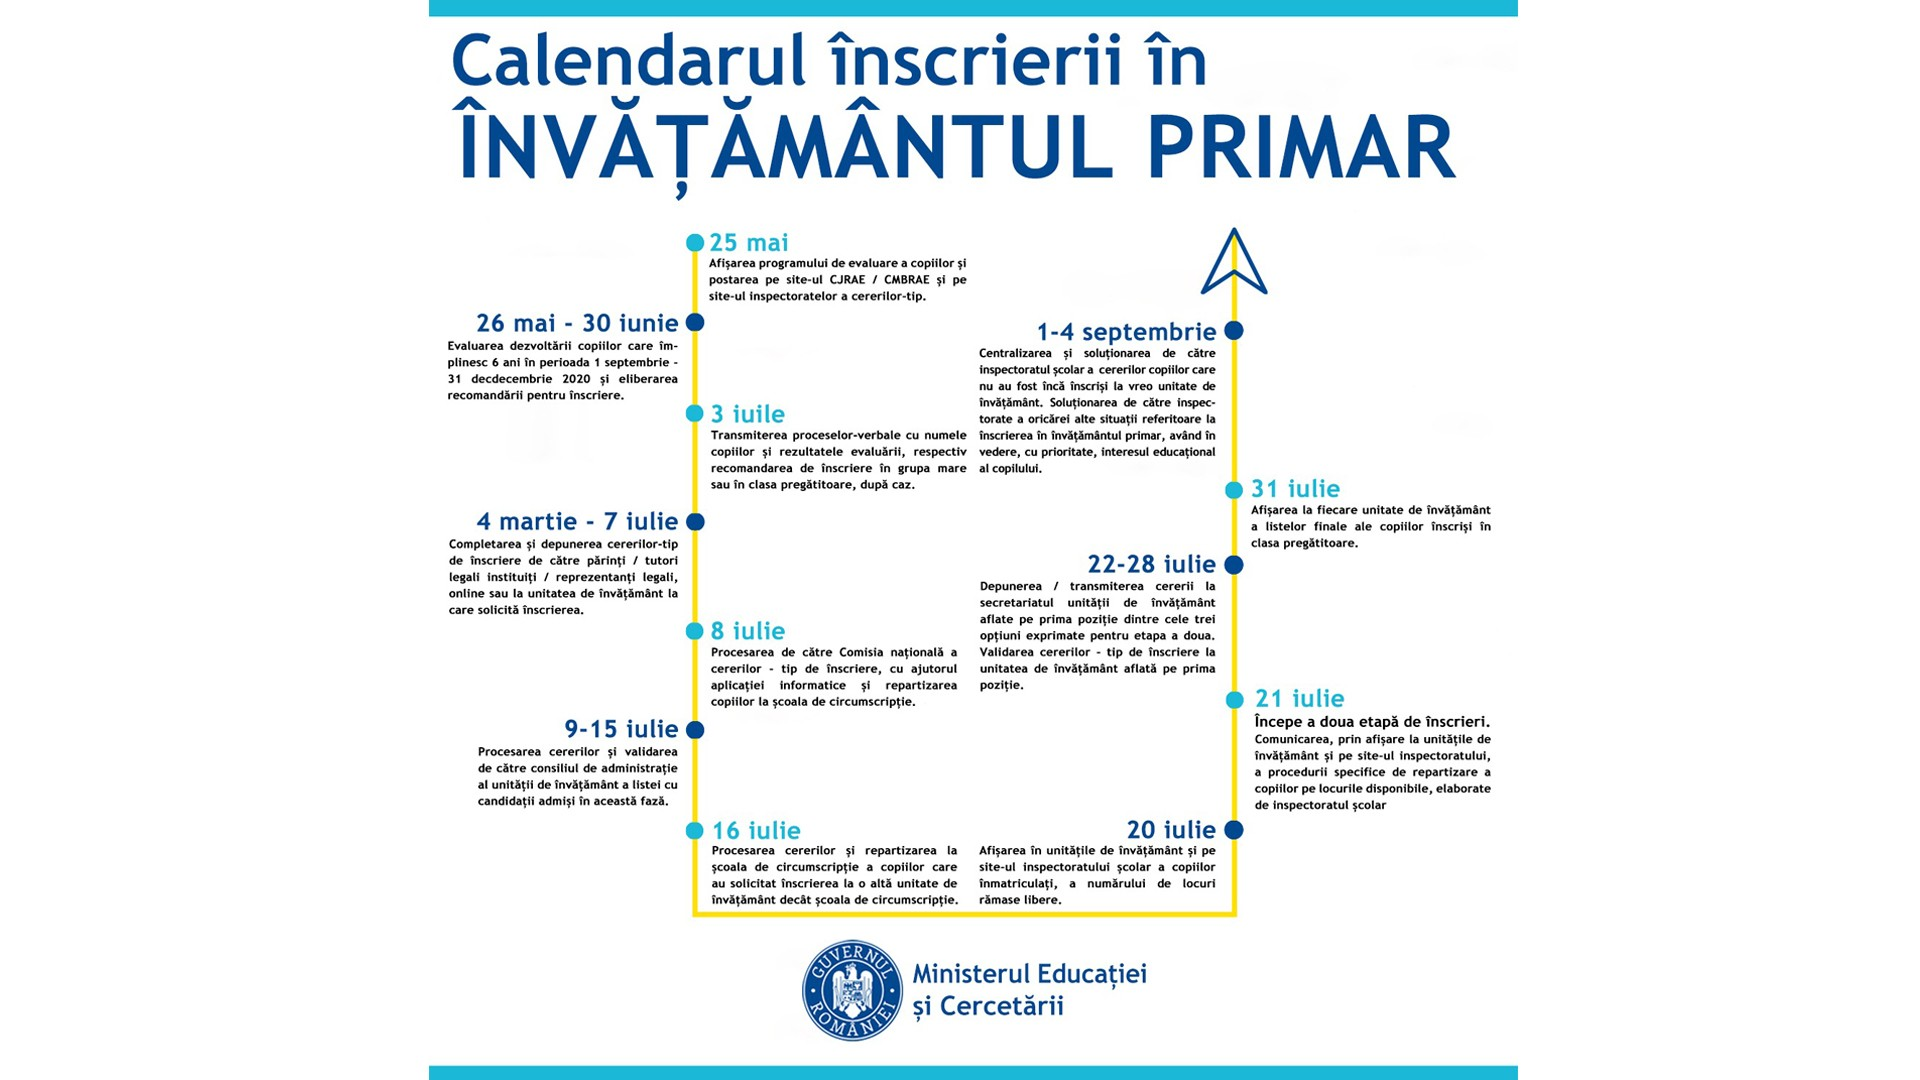 Ordinul de ministru privind înscrierea în învățământul primar a fost publicat în Monitorul Oficial